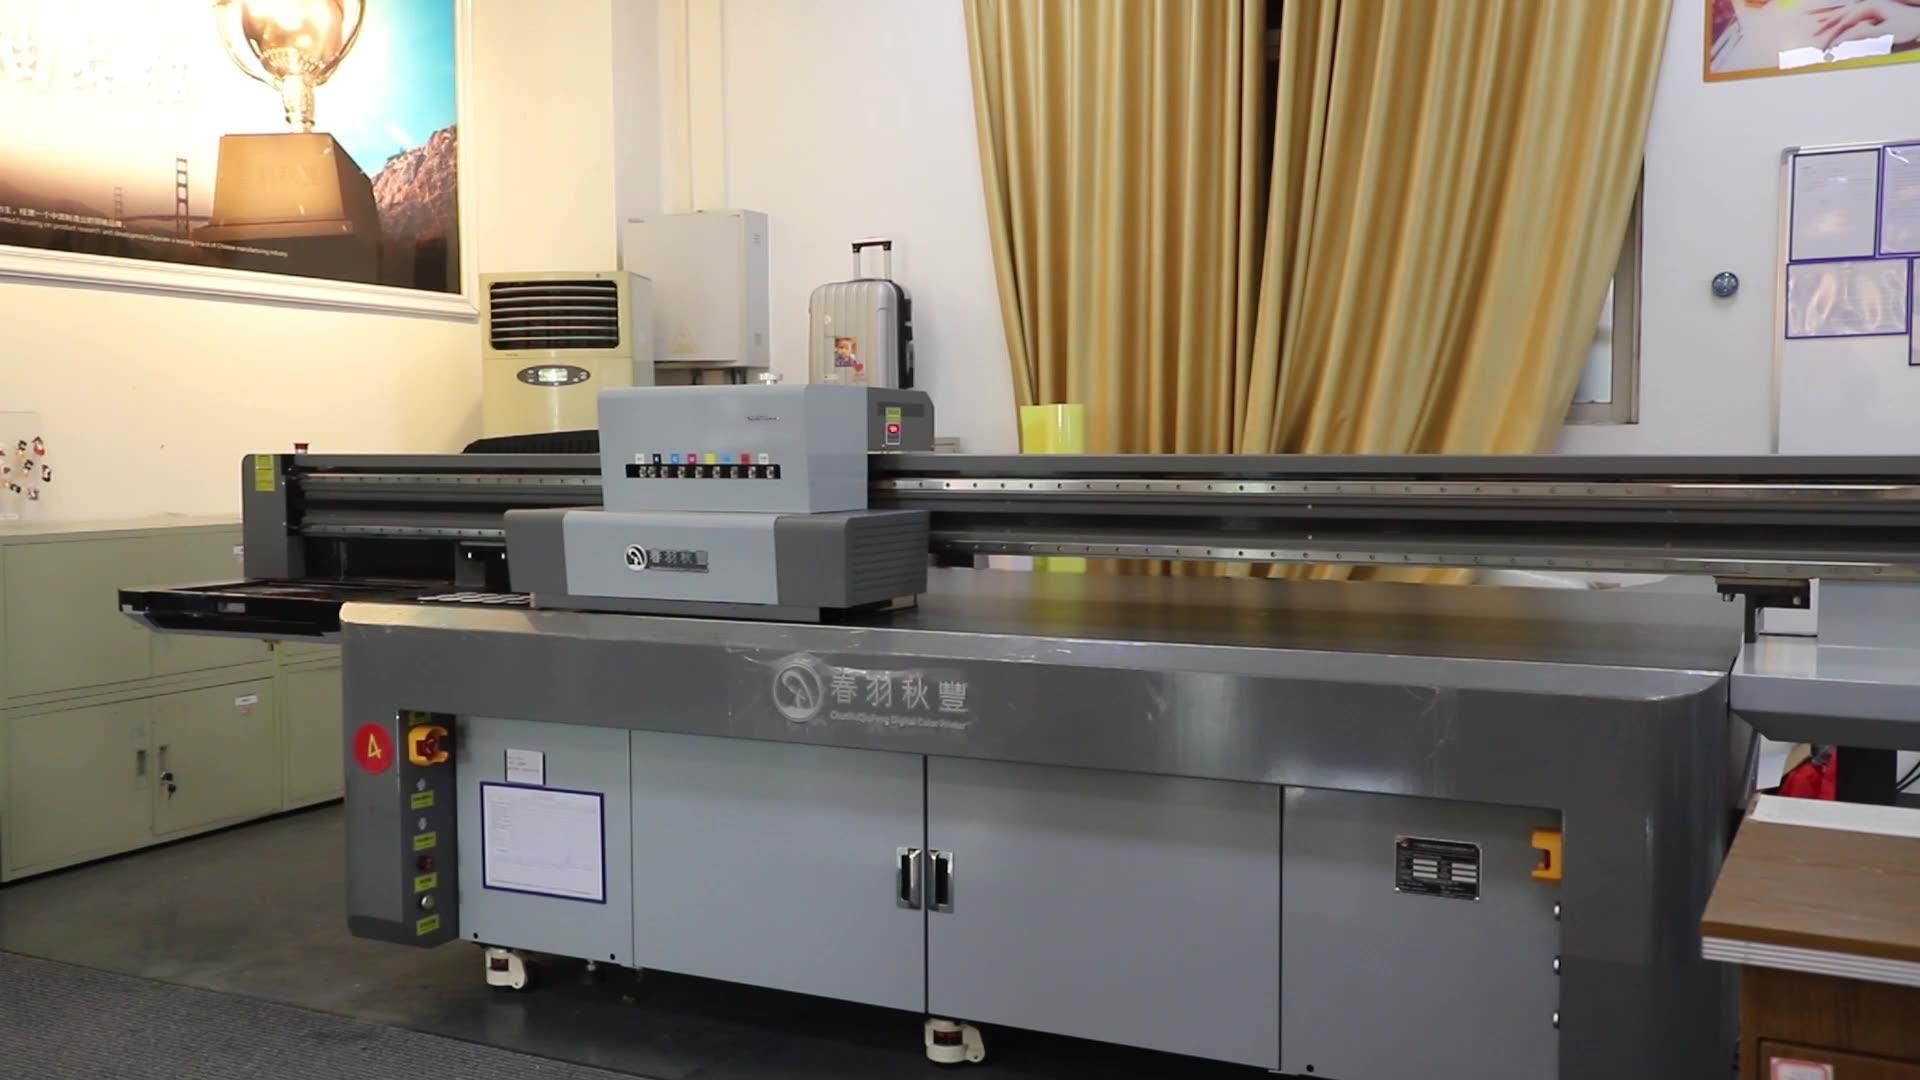 CF2513 Large Format Printers Guangzhou Digital Ceramic Printing Machine UV Inkjet Printer For Wall Mural